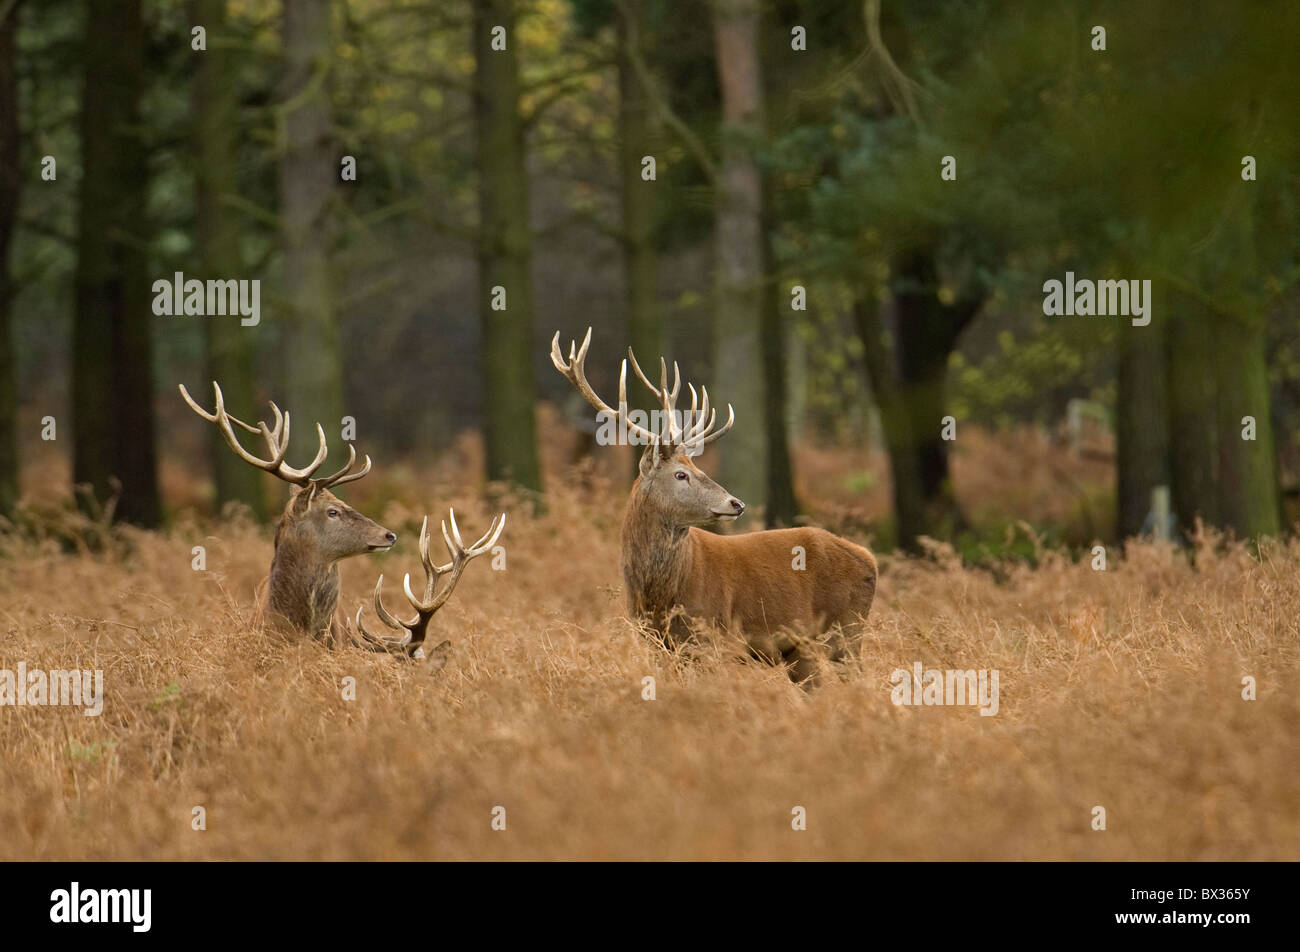 Red deer stag in golden bracken. - Stock Image